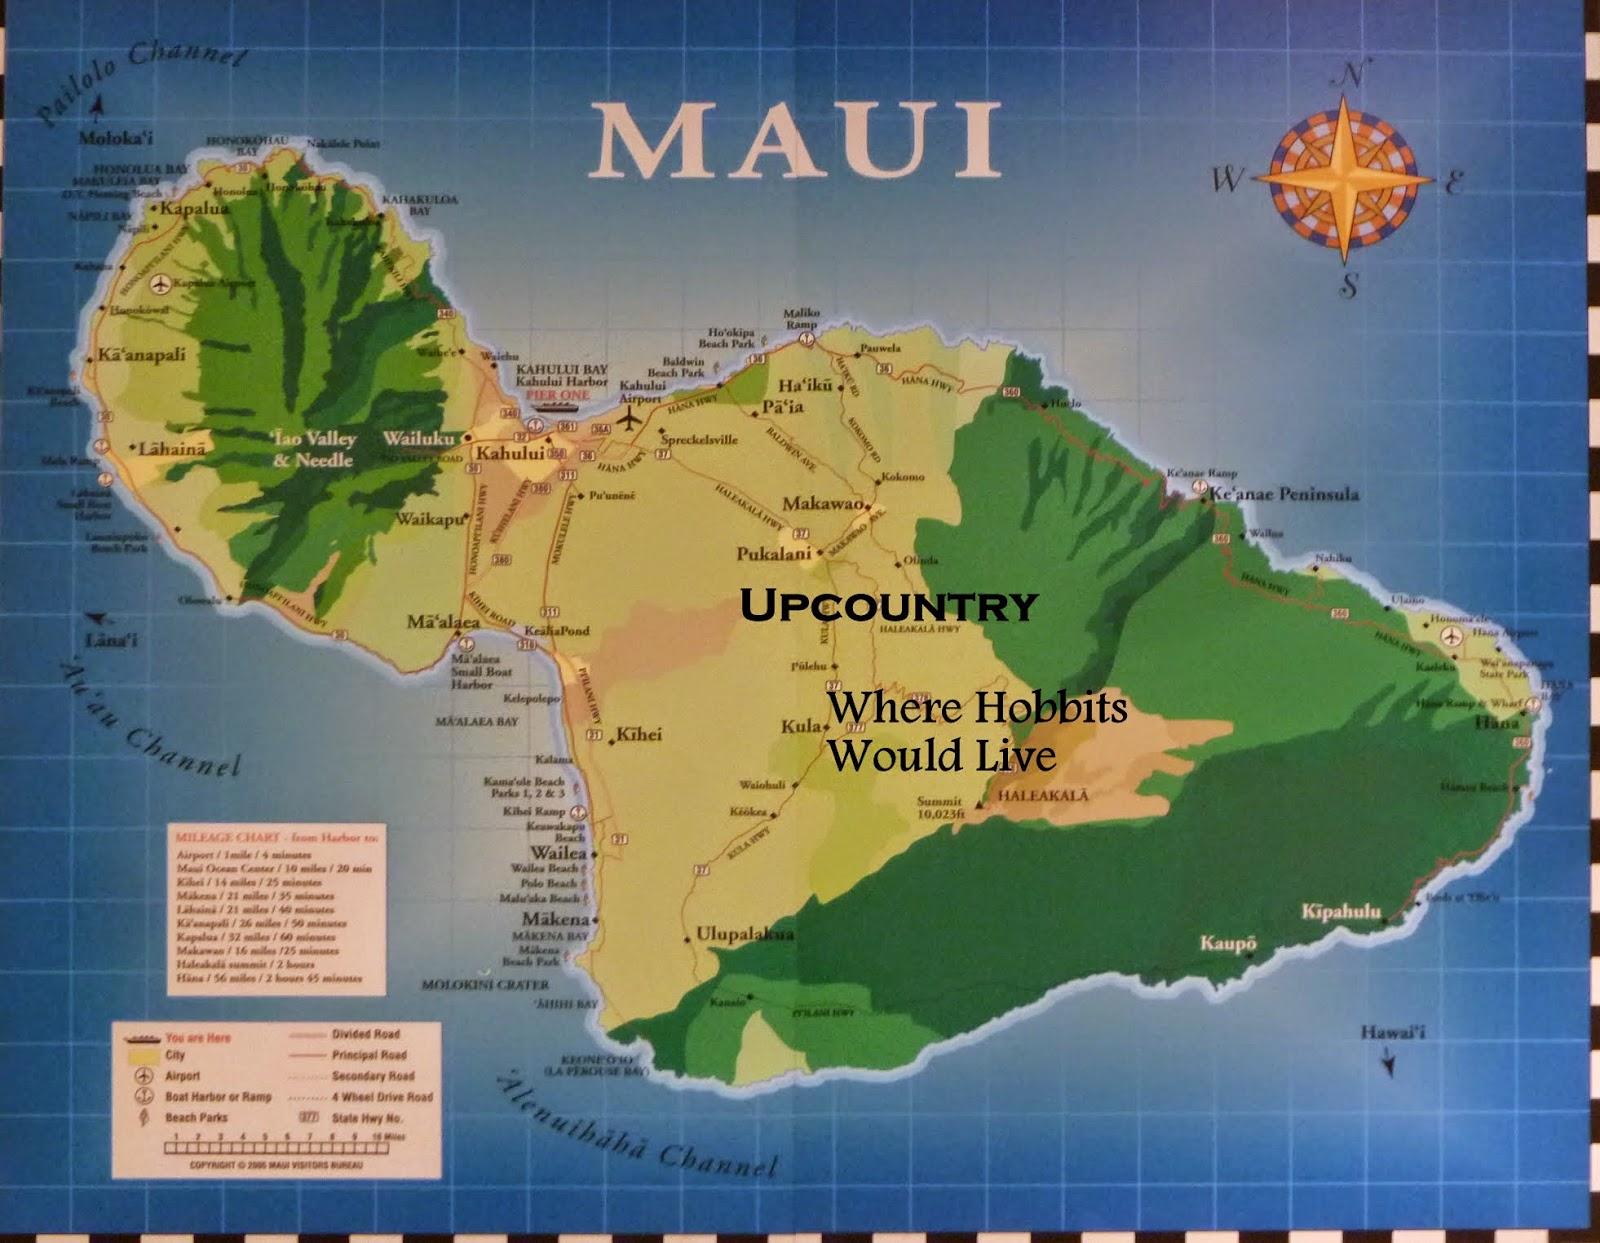 Maui Jungalow April 2015